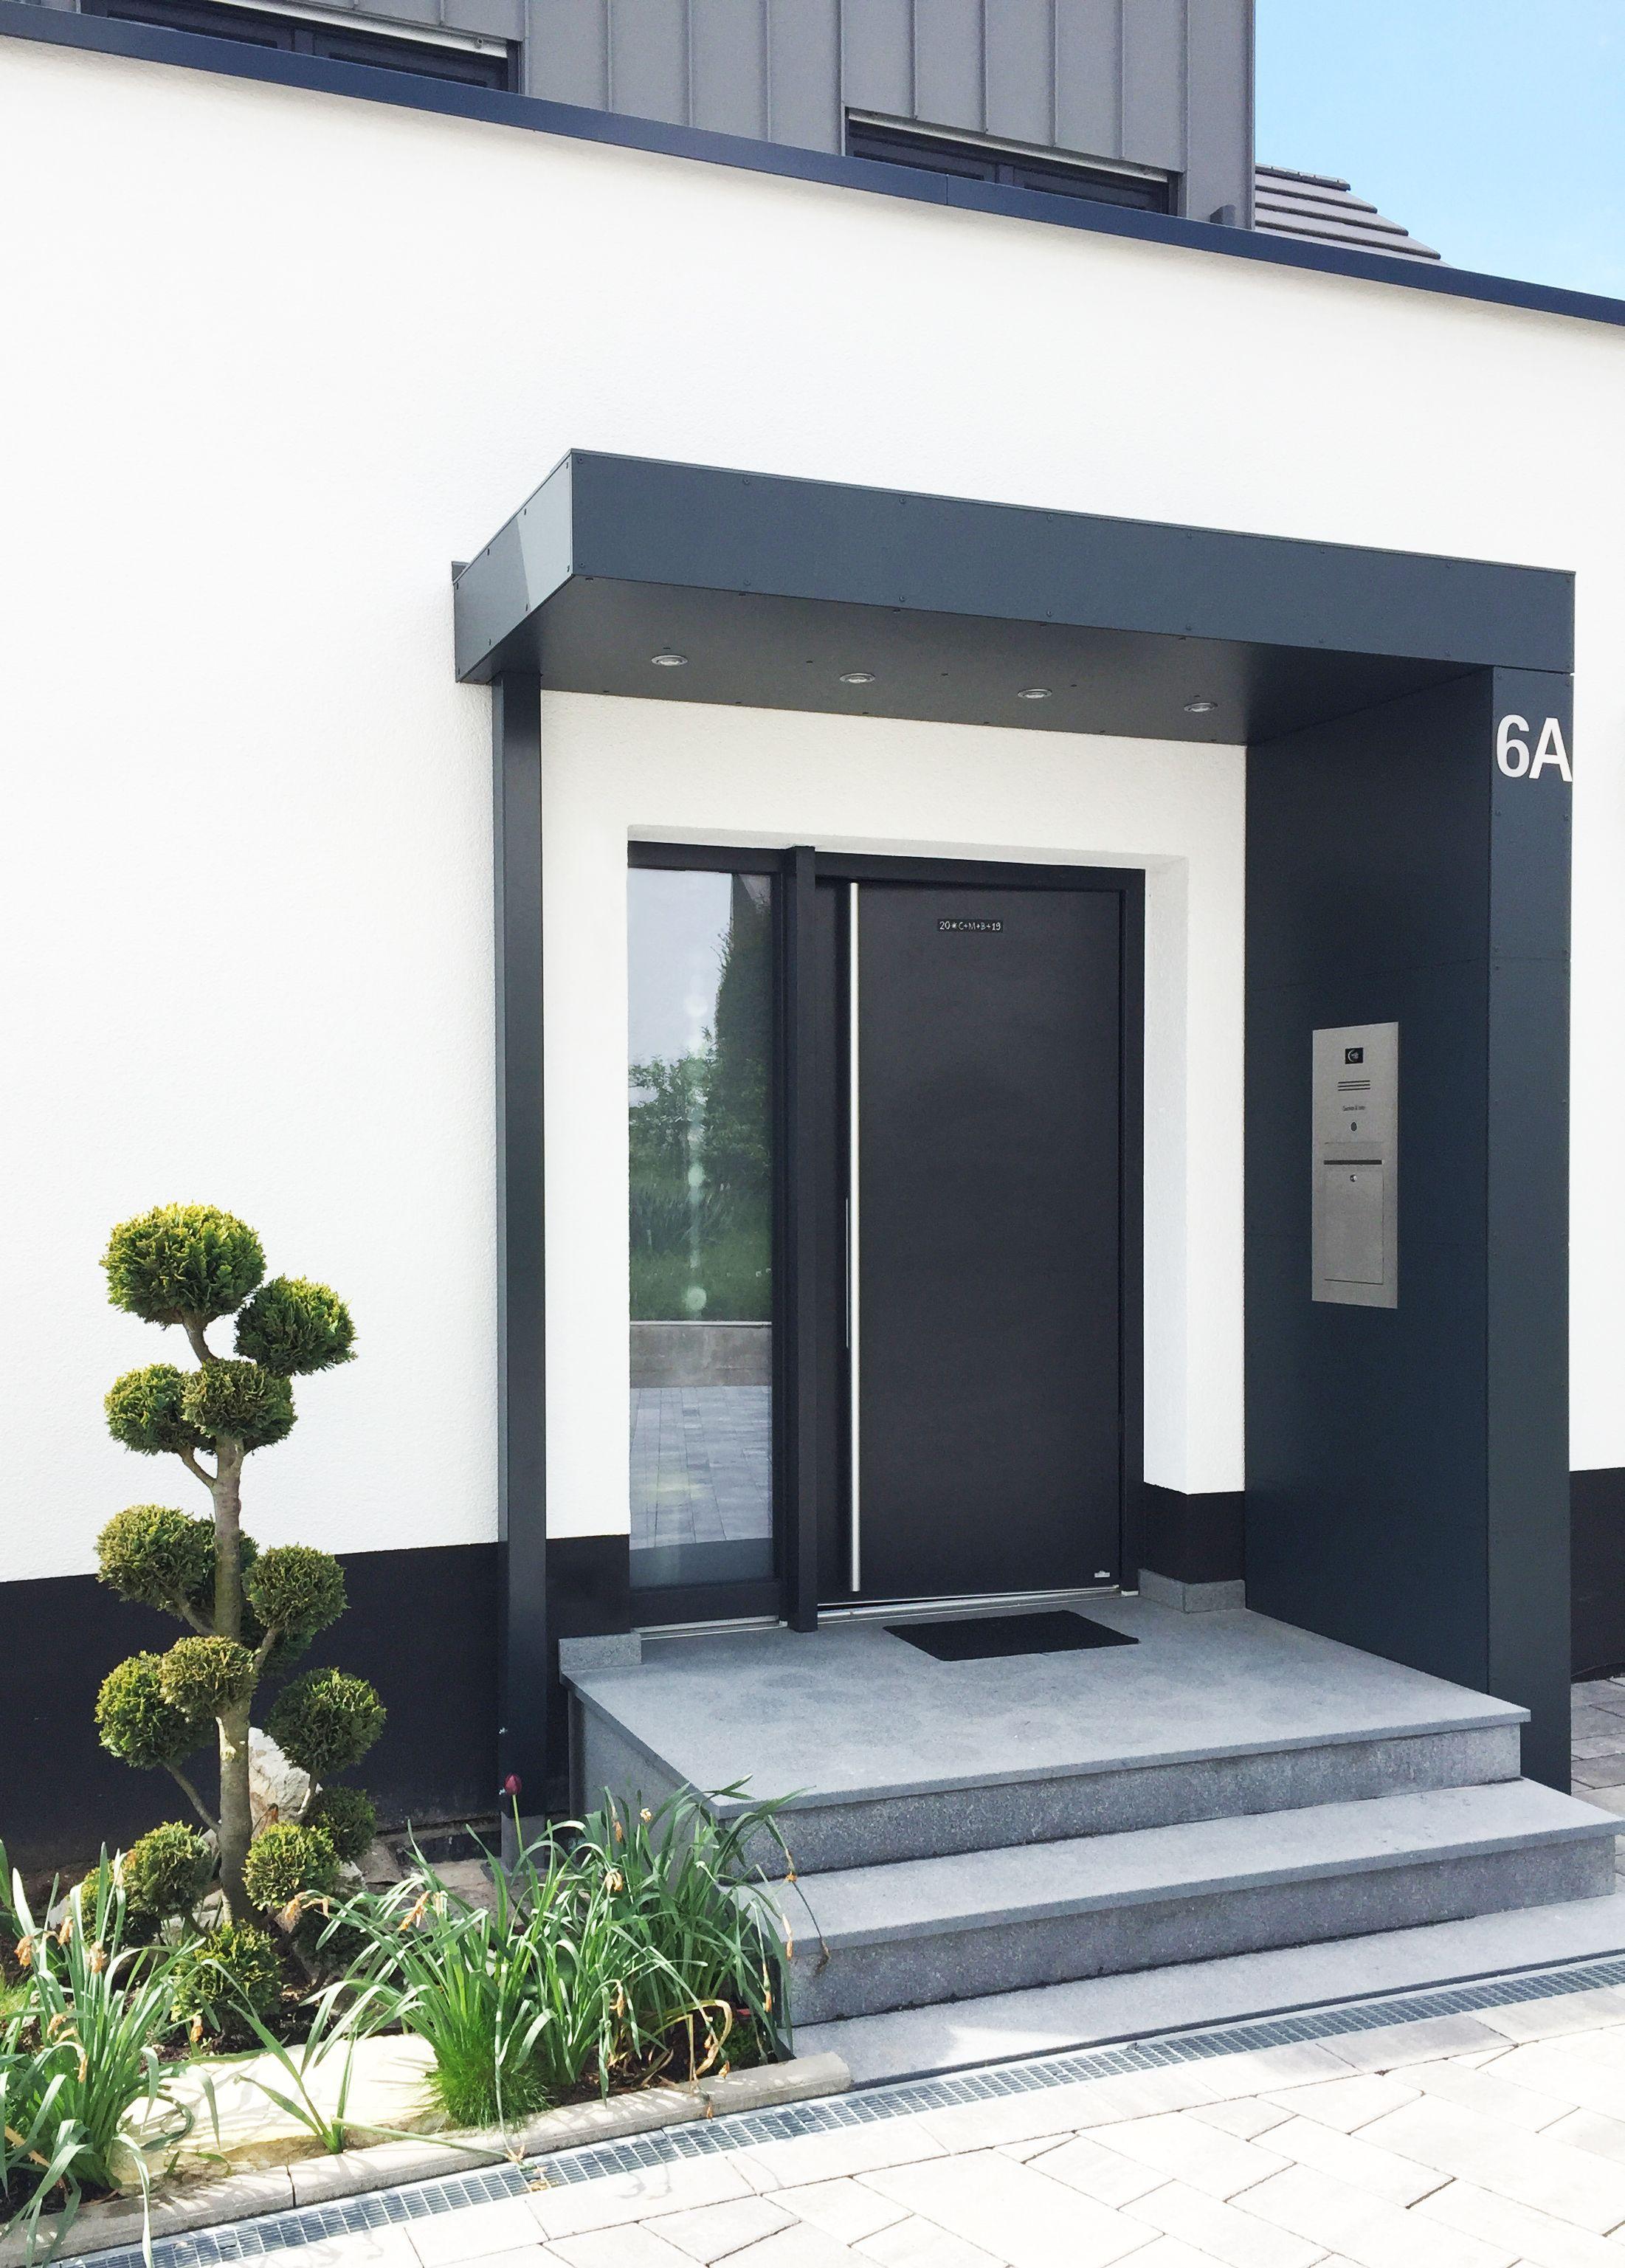 Eingangsuberdachung Mit Integrierter Klingelanlage Und Briefkasten Led Spots I Eingangsuberdachung Mit Moderne Haustur Eingang Uberdachung Hausturuberdachung